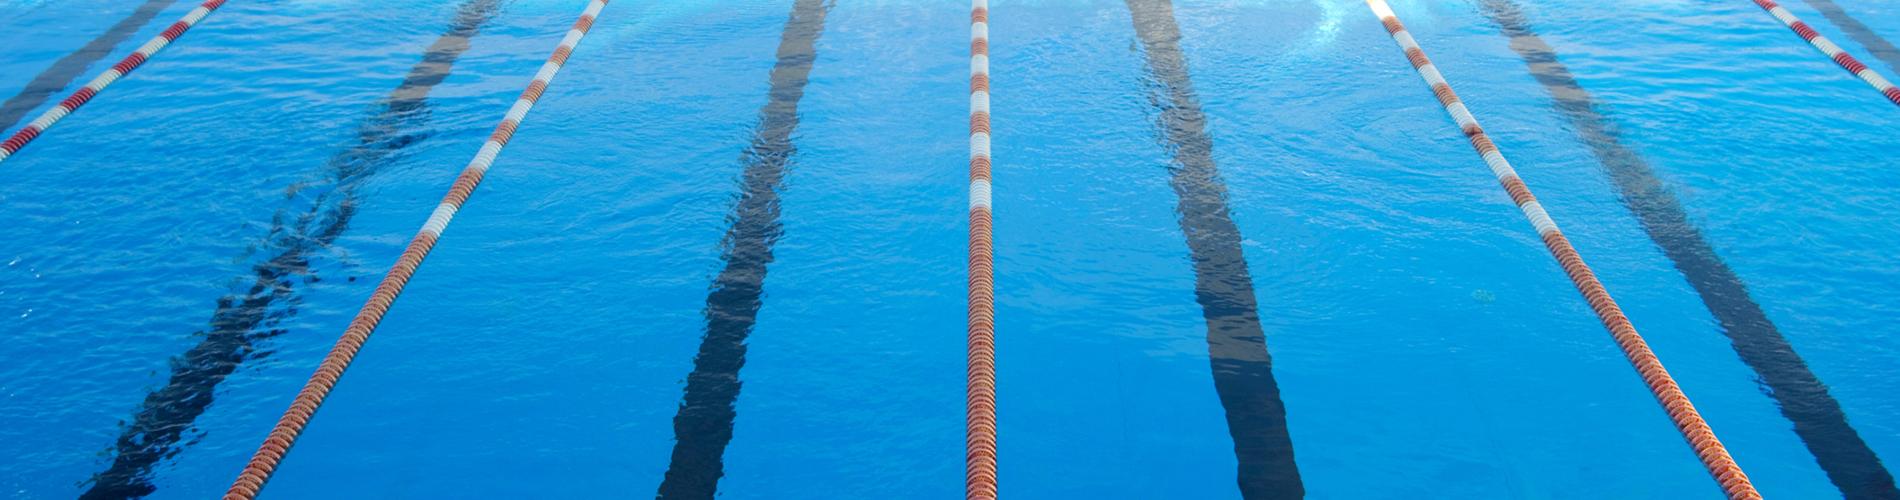 c-fuga-piscina-piscisol